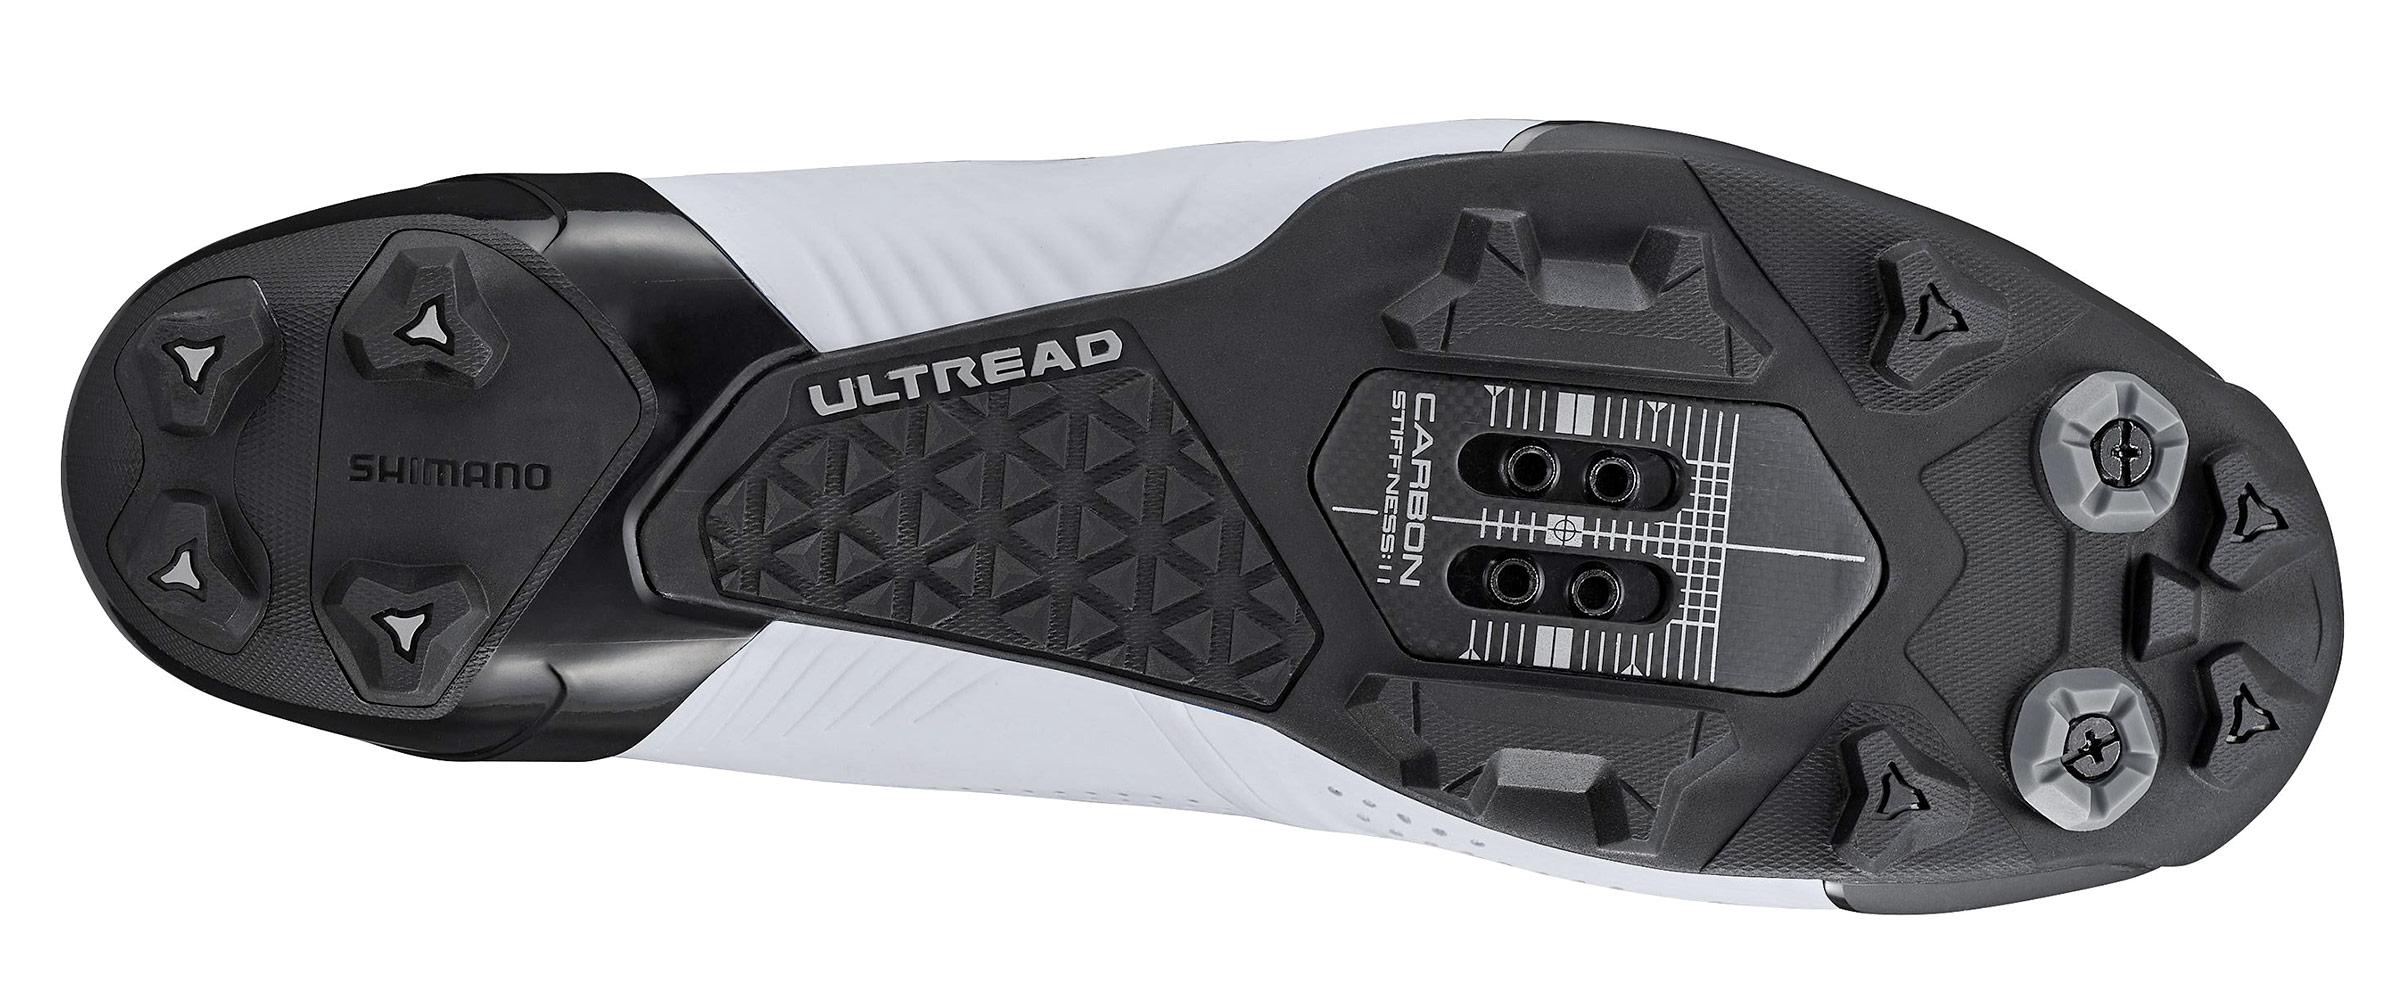 Shimano S-Phyre XC902 MTB shoes, next-gen XC9 cross-country mountain bike shoe,Ultread aole